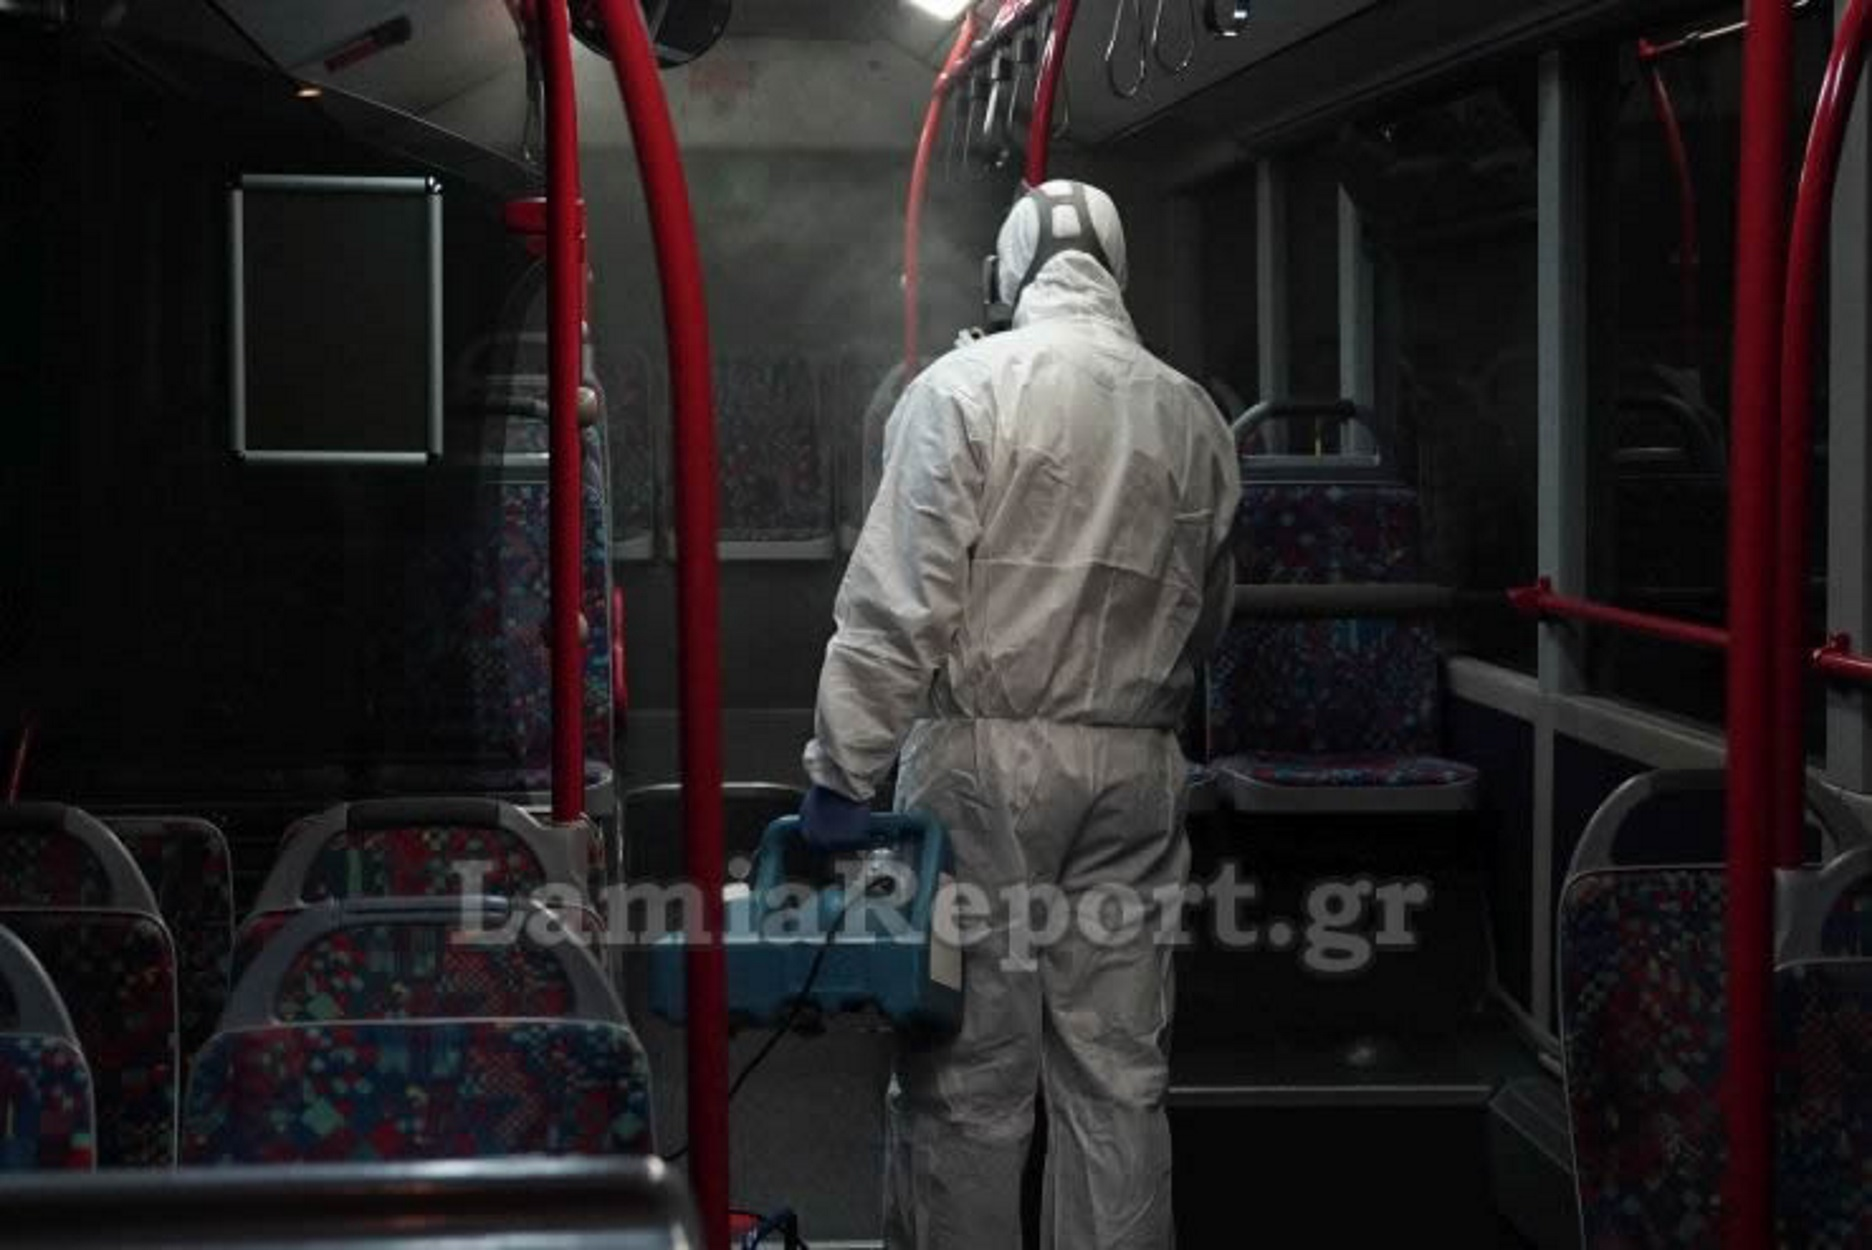 """Επόμενη στάση... """"Κορονοϊός"""": Καρέ - καρέ η συστηματική απολύμανση μέσα στα αστικά λεωφορεία...."""